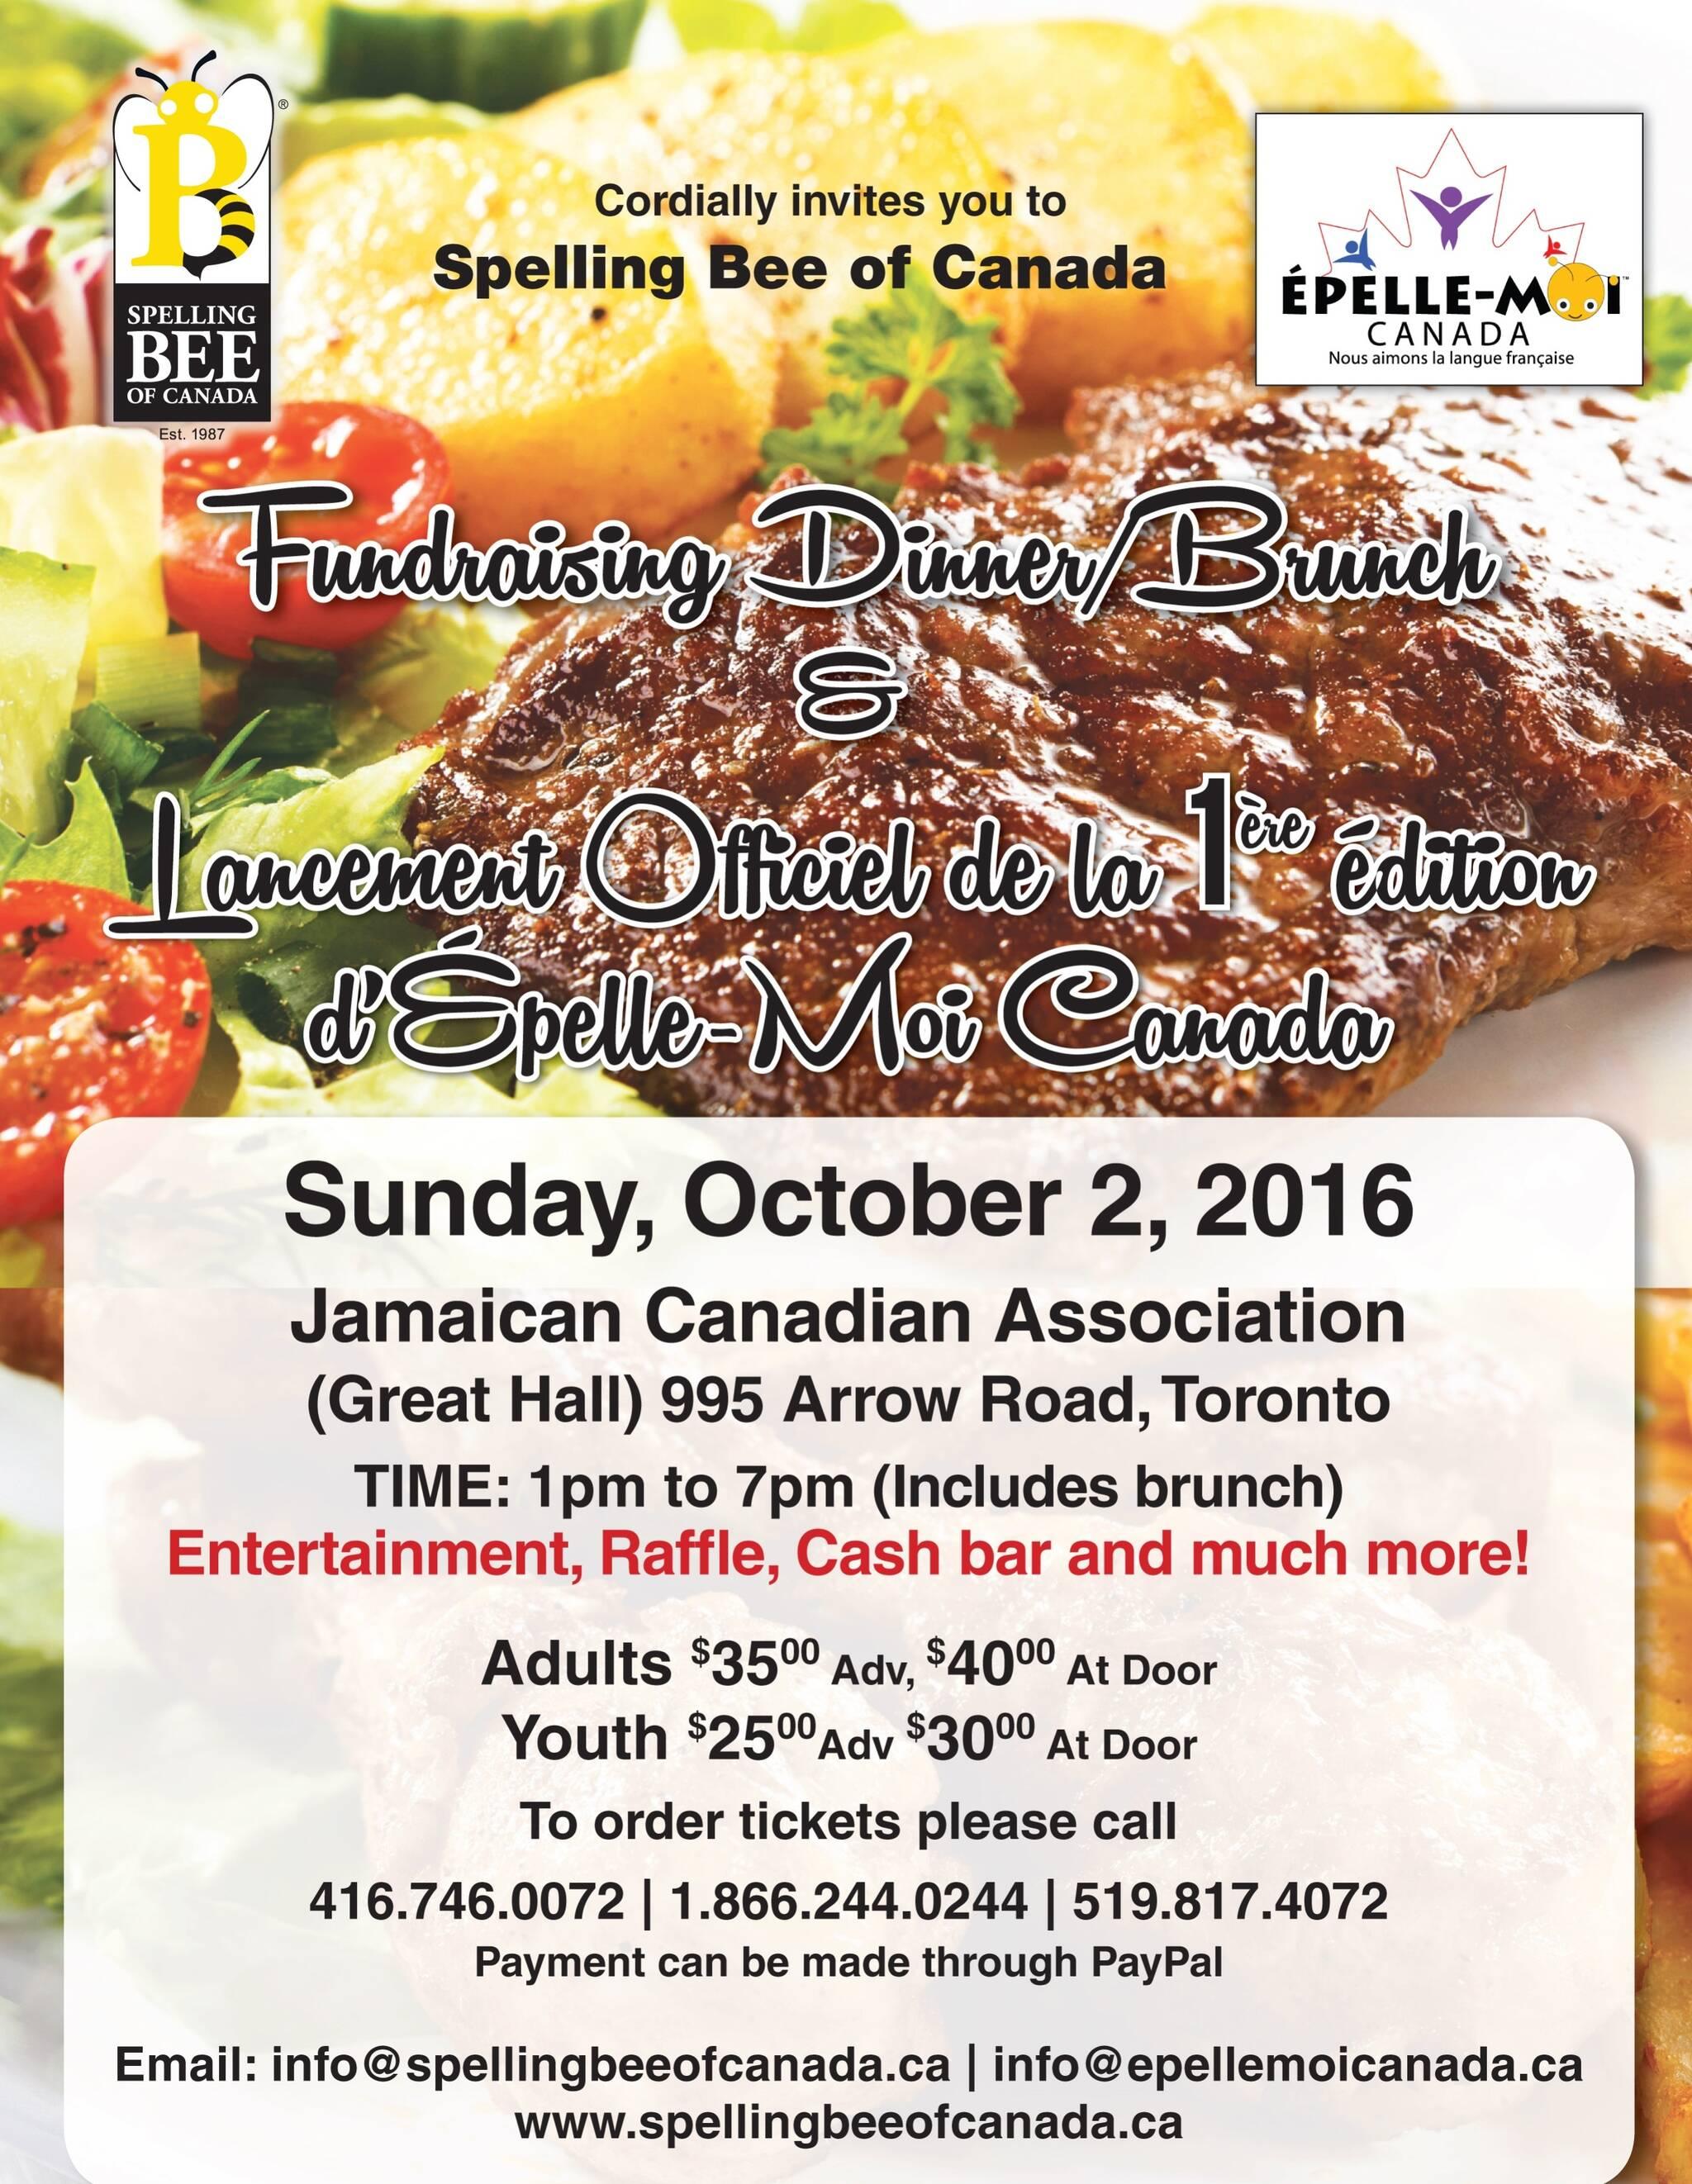 Spelling Bee of Canada Fundraising Dinner/Brunch